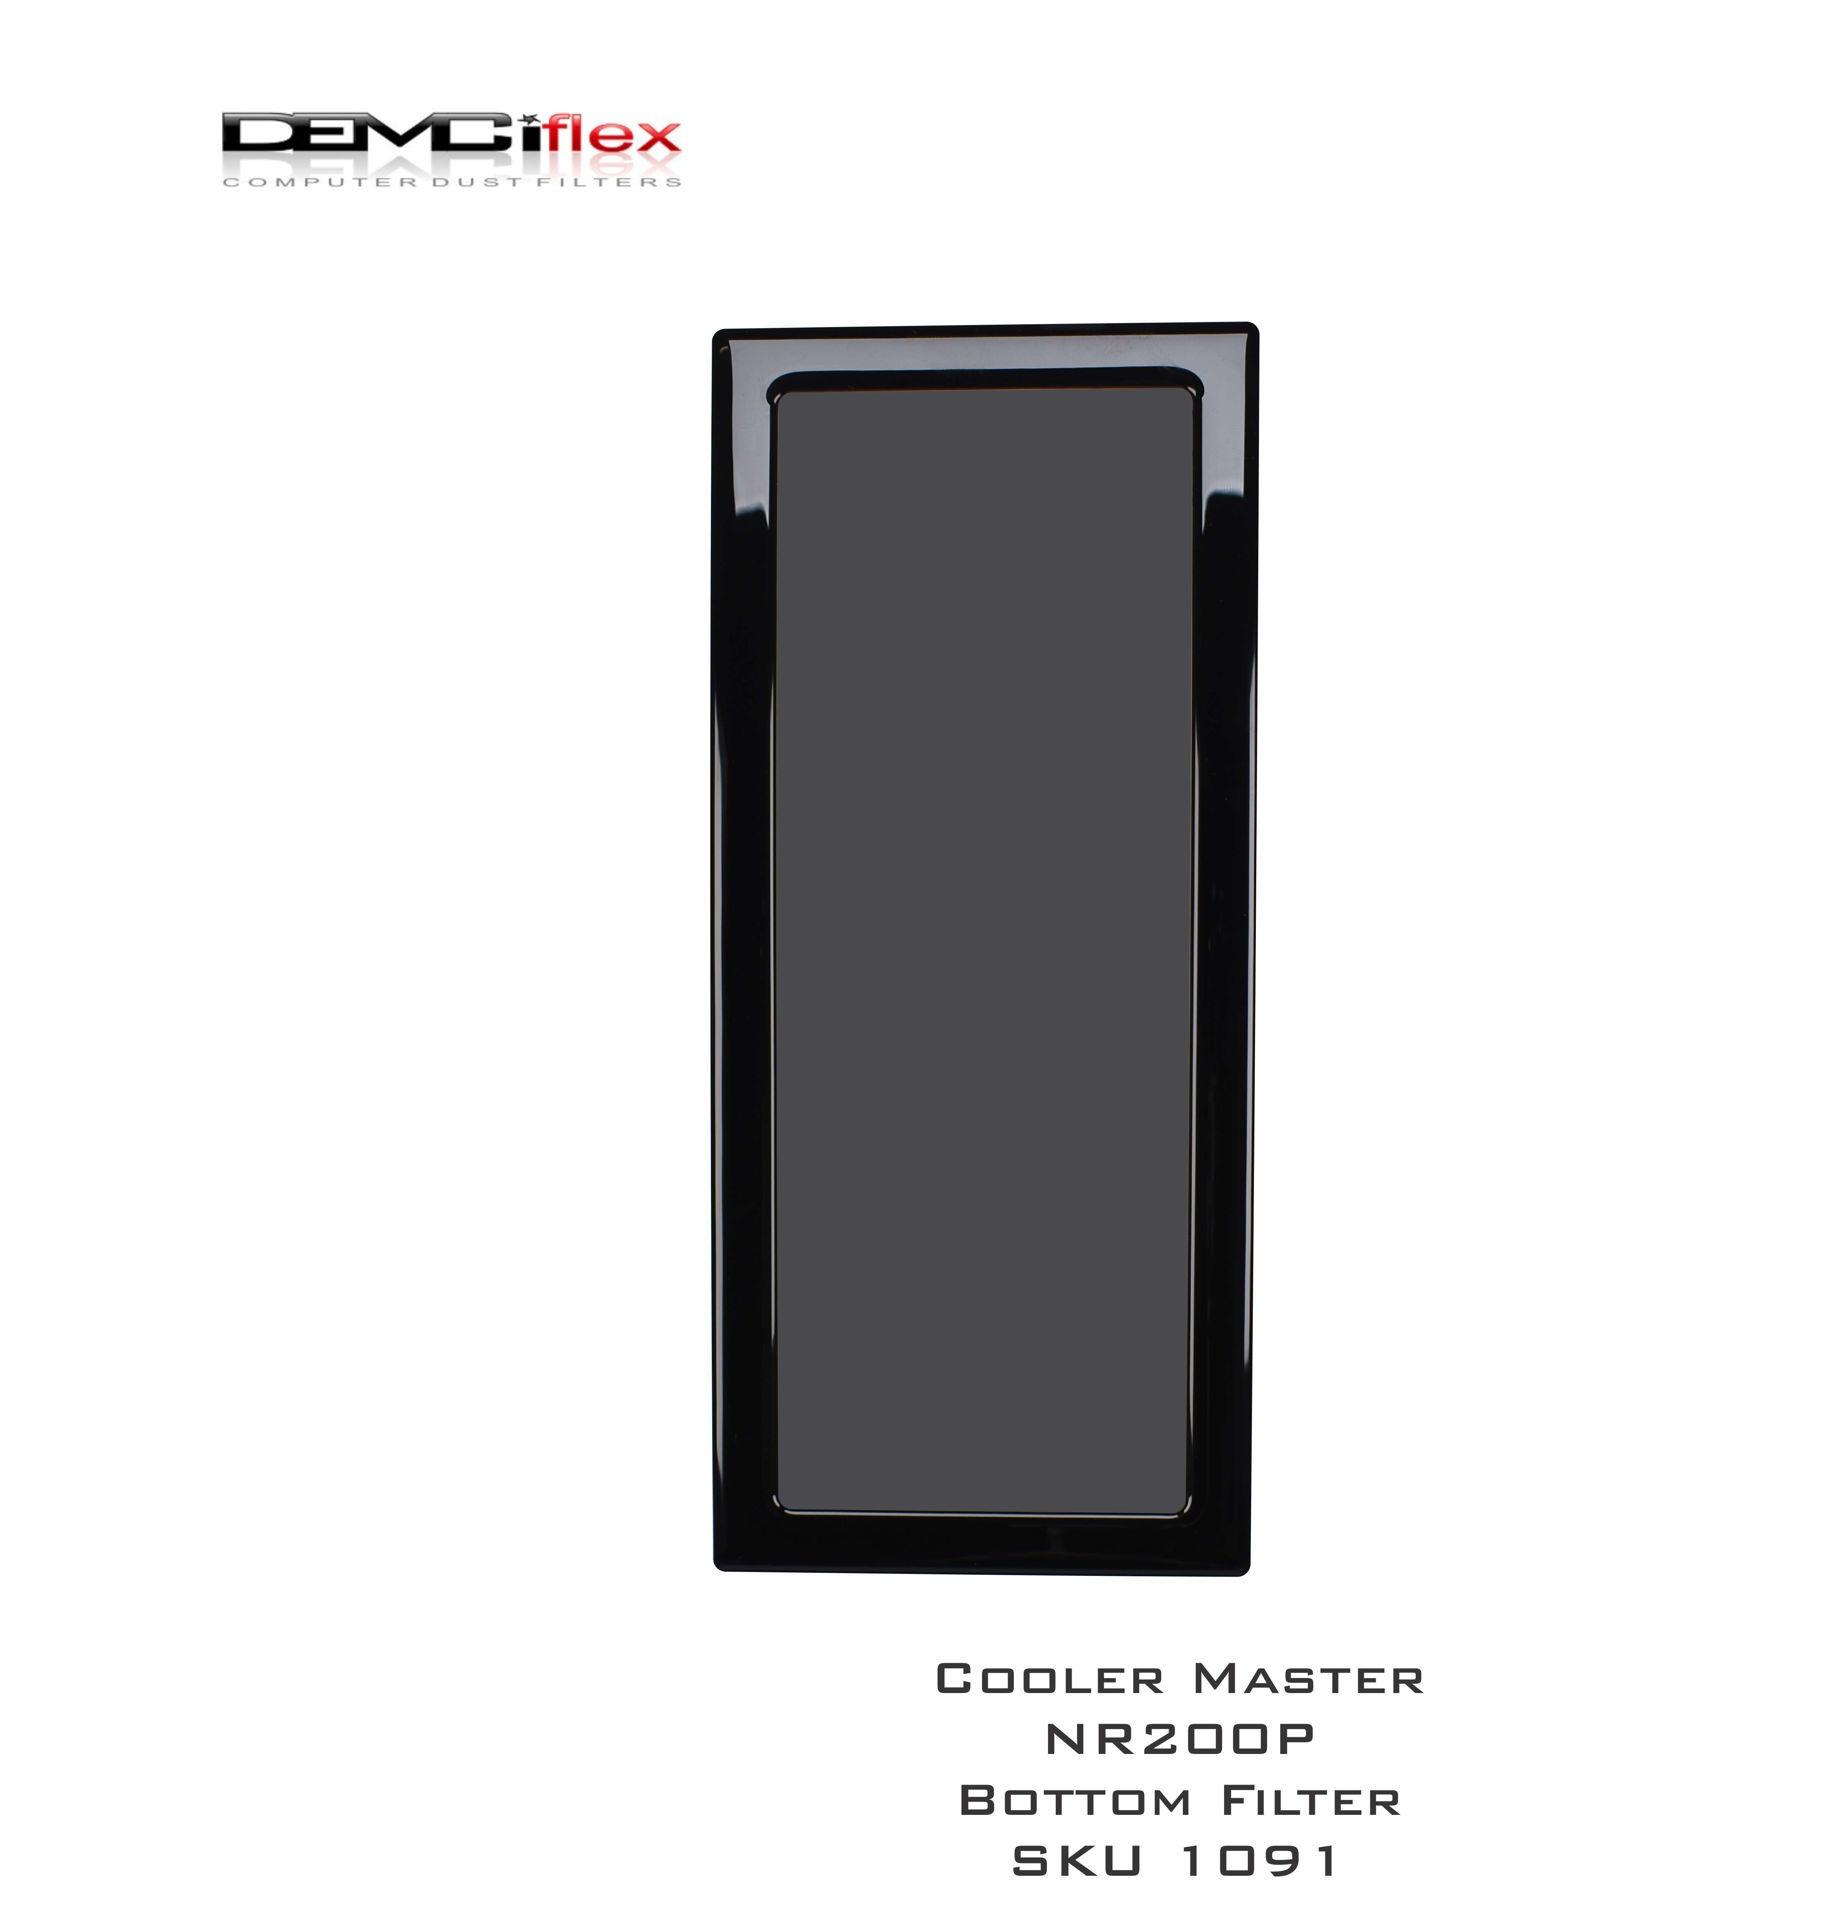 Picture of C1558 - 275mm x 120mm Cooler Master NR200Cooler Master NR200P Bottom Filter